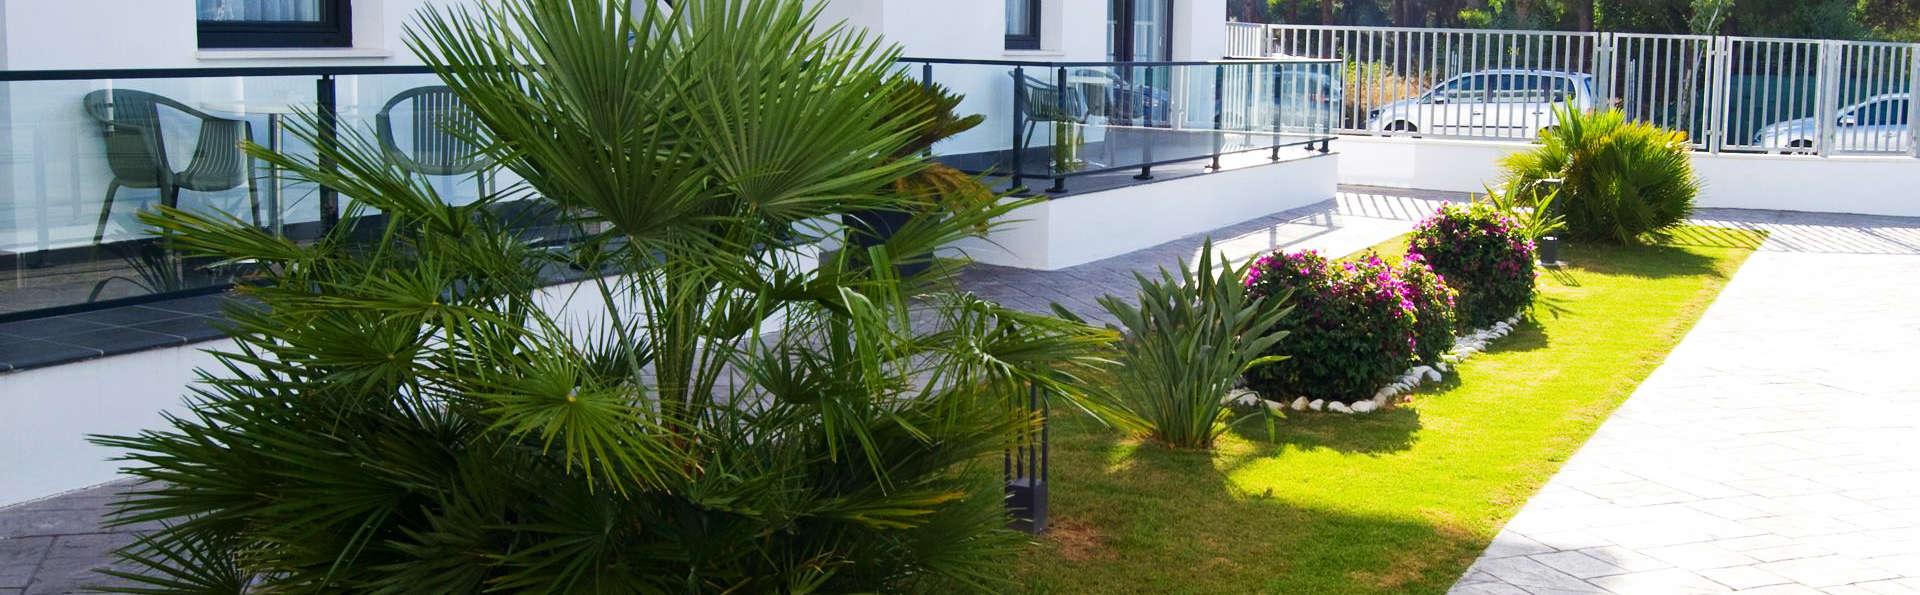 Apartamentos Turísticos Al Sur - EDIT_exterior2.jpg